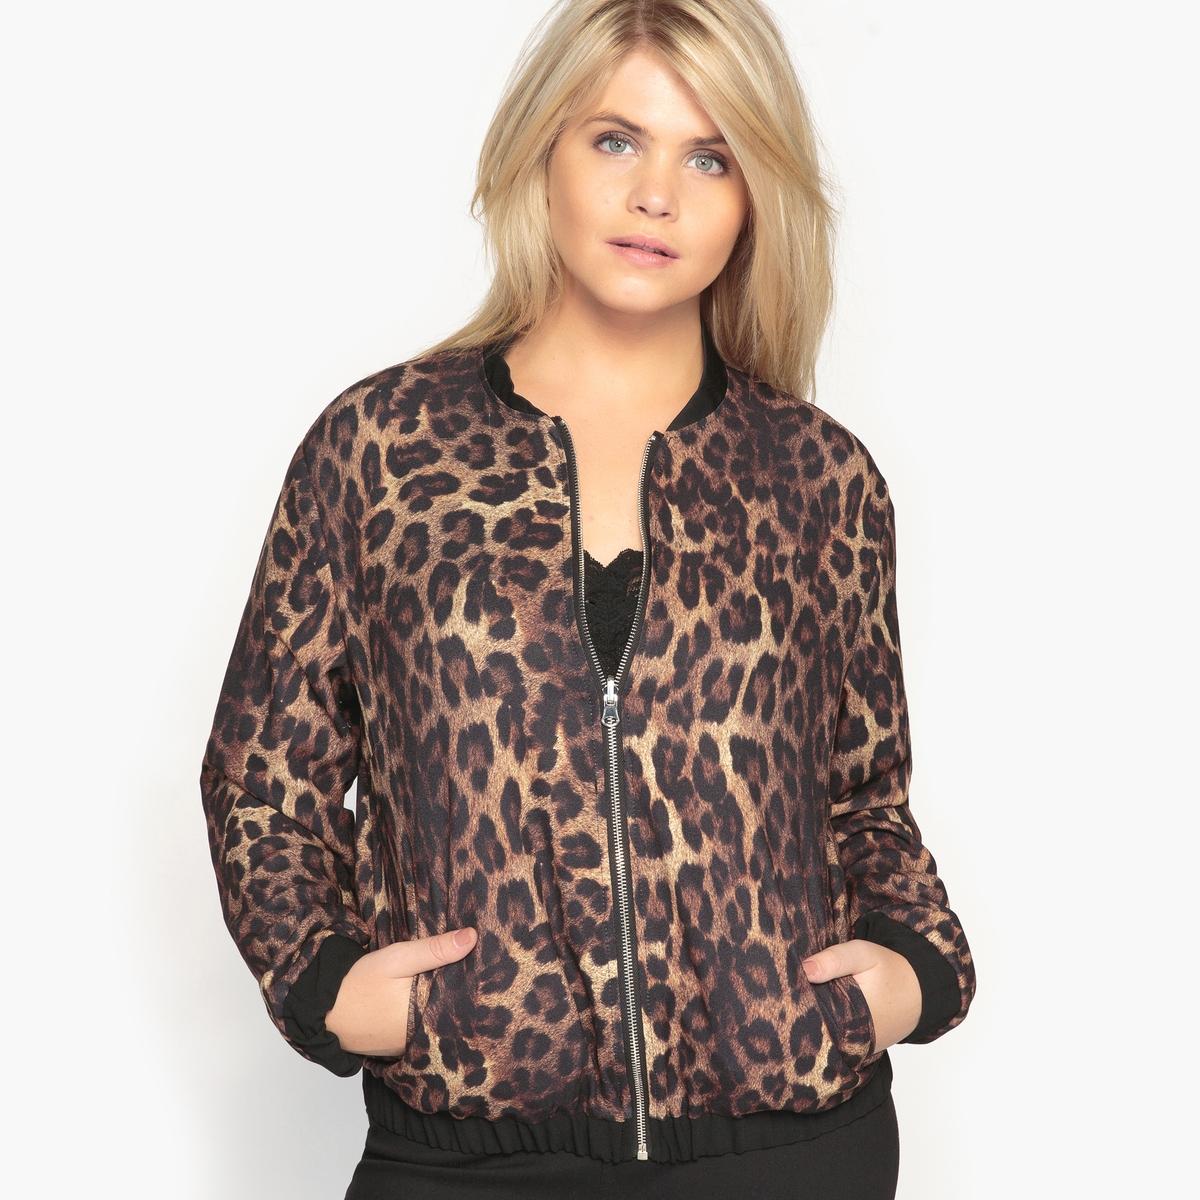 Куртка-бомбер двусторонняя черной/леопардовой расцветокОписание:Двусторонний блузон-бомбер, перед которым нельзя устоять . Леопардовый принт или черный однотонный - вам выбирать в зависимости от вашей одежды . Этот блузон-бомбер должен быть в вашем гардеробе .Детали •  Длина : укороченная •  Круглый вырез •  Застежка на молниюСостав и уход •  100% полиэстер •  Подкладка : 100% полиэстер •  Температура стирки 30°   •  Сухая чистка и отбеливание запрещены •  Не использовать барабанную сушку   •  Низкая температура глажки   ВАЖНО: Товар без манжетТовар из коллекции больших размеров<br><br>Цвет: черный<br>Размер: 44 (FR) - 50 (RUS).52 (FR) - 58 (RUS)